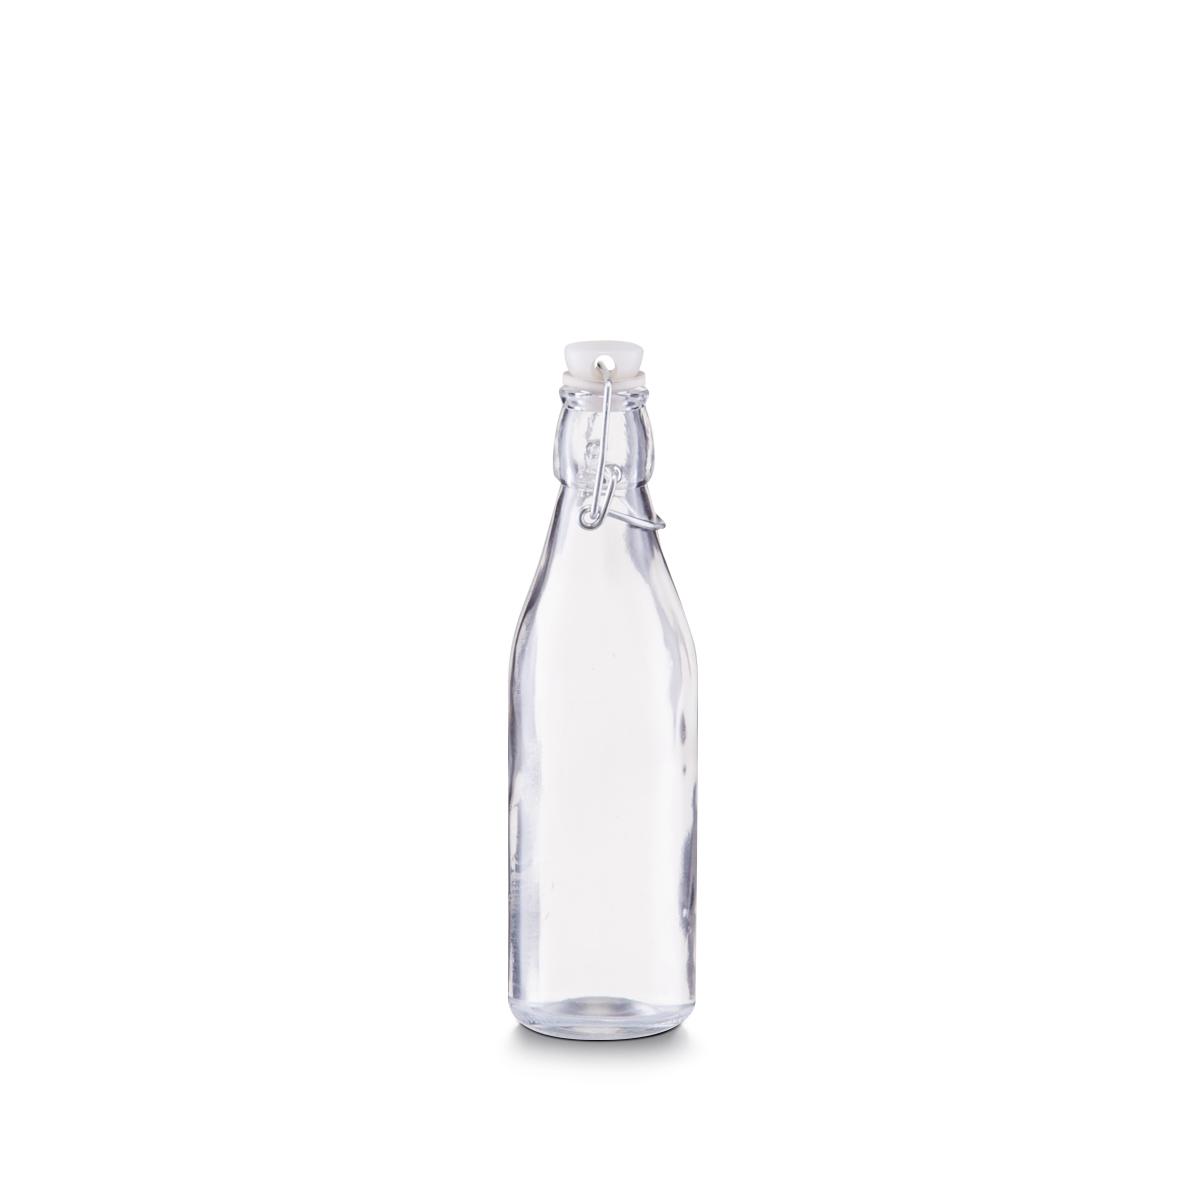 Sticla cu inchidere ermetica Regular, 250 ml, Ø 6xH20 cm( 474807)